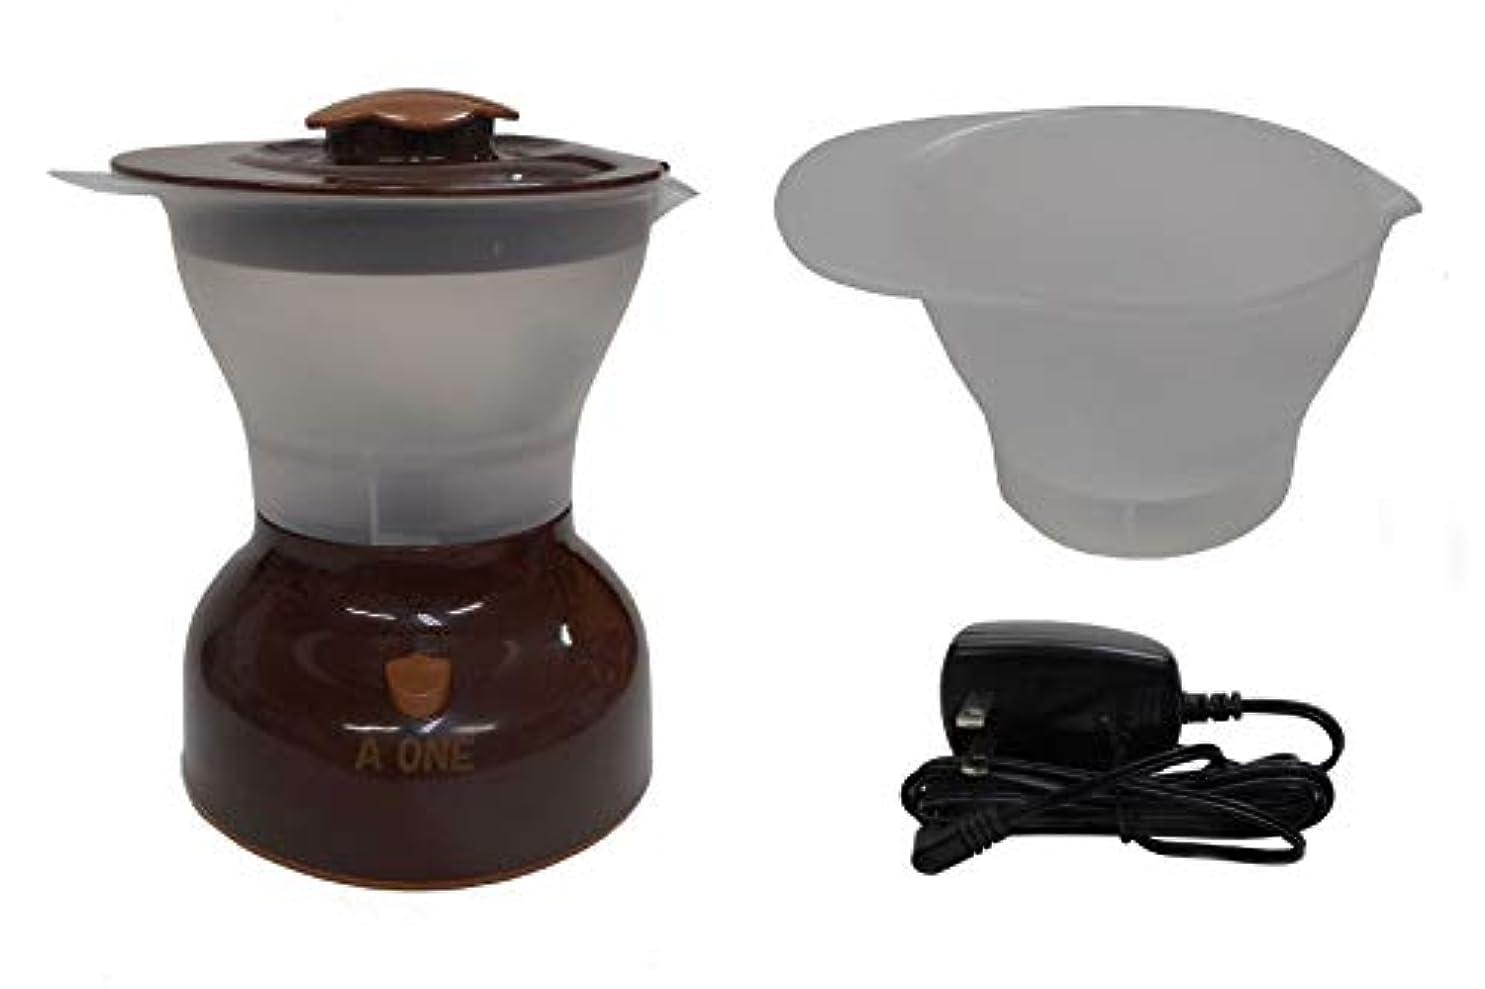 温度計砂有限ヘアカラー専用ミキサー まぜん太 (本体セット+ACアダプター+専用カップ) 3点セット